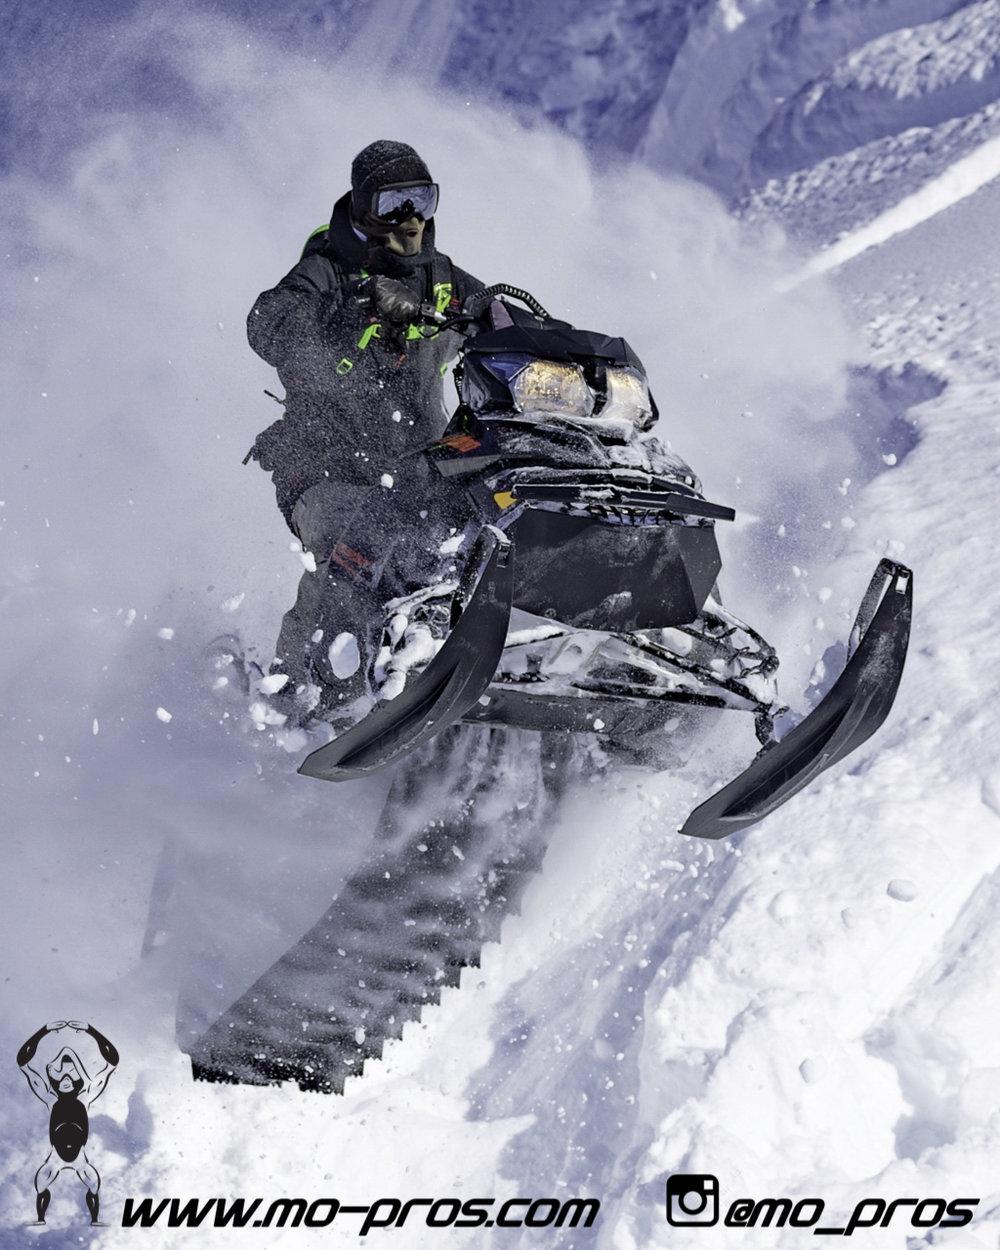 86_gas Rack_Gear_Gun Rack_LinQ Snowboard Ski_Ski_Snowbike_Timbersled Rack_Tsaina Rack_CFR rack_Cheetah Factory Racing_Snowboard rack_snowboard_Snowboarding_snowmobile bag_Snowmobile_timbersled bag_Ti.jpg